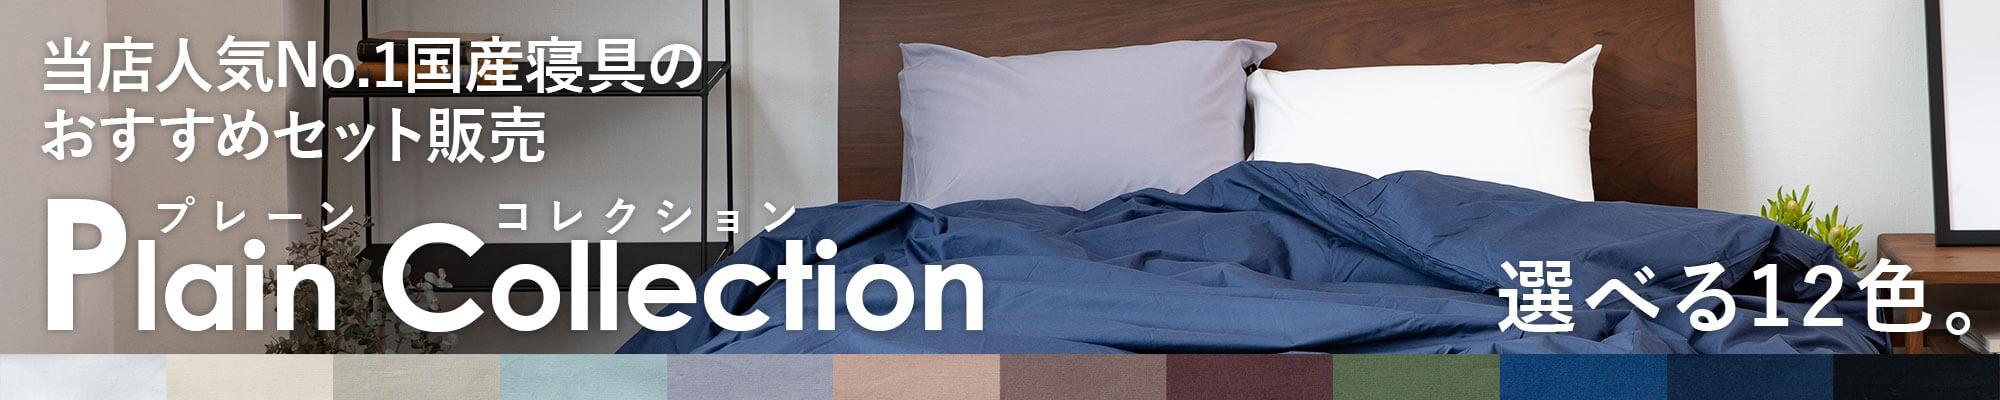 カラーも豊富、サイズも豊富!当店人気No.1国産寝具のおすすめセット